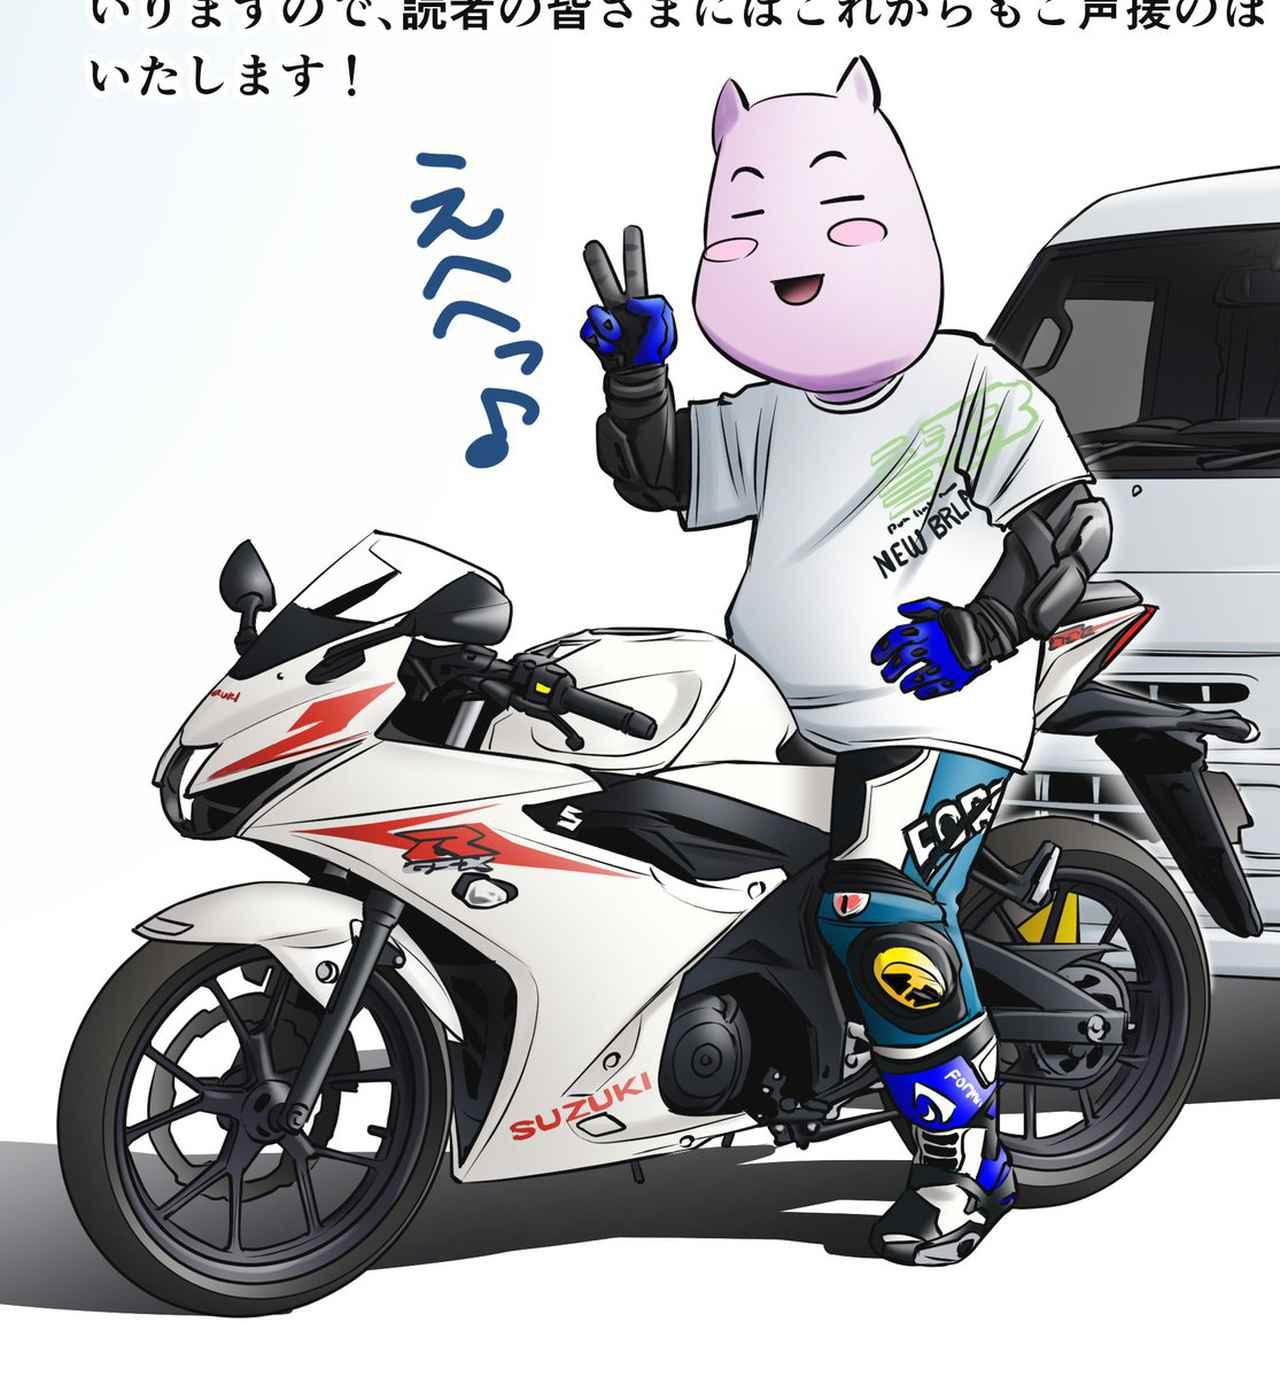 画像: ばどみゅーみん@Motoジム!単行本発売中! (@badmyumin) | Twitter